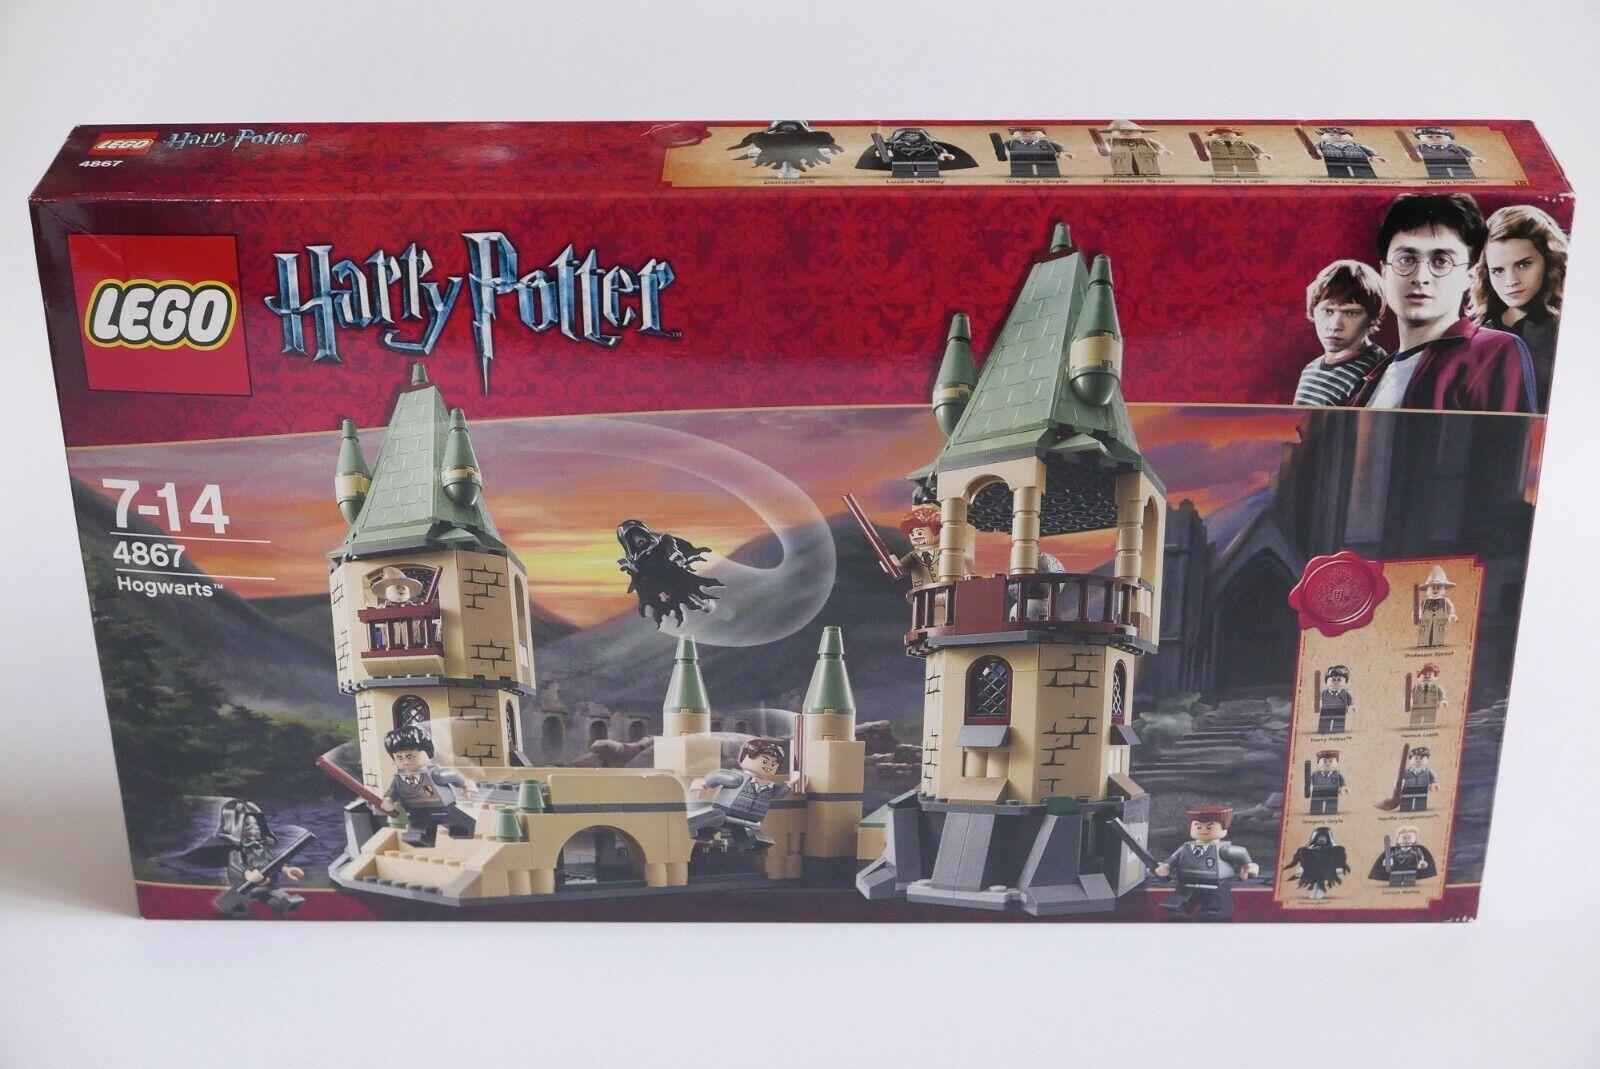 Lego Harry Potter 4867 Hogwarts New sealed rare nuevo